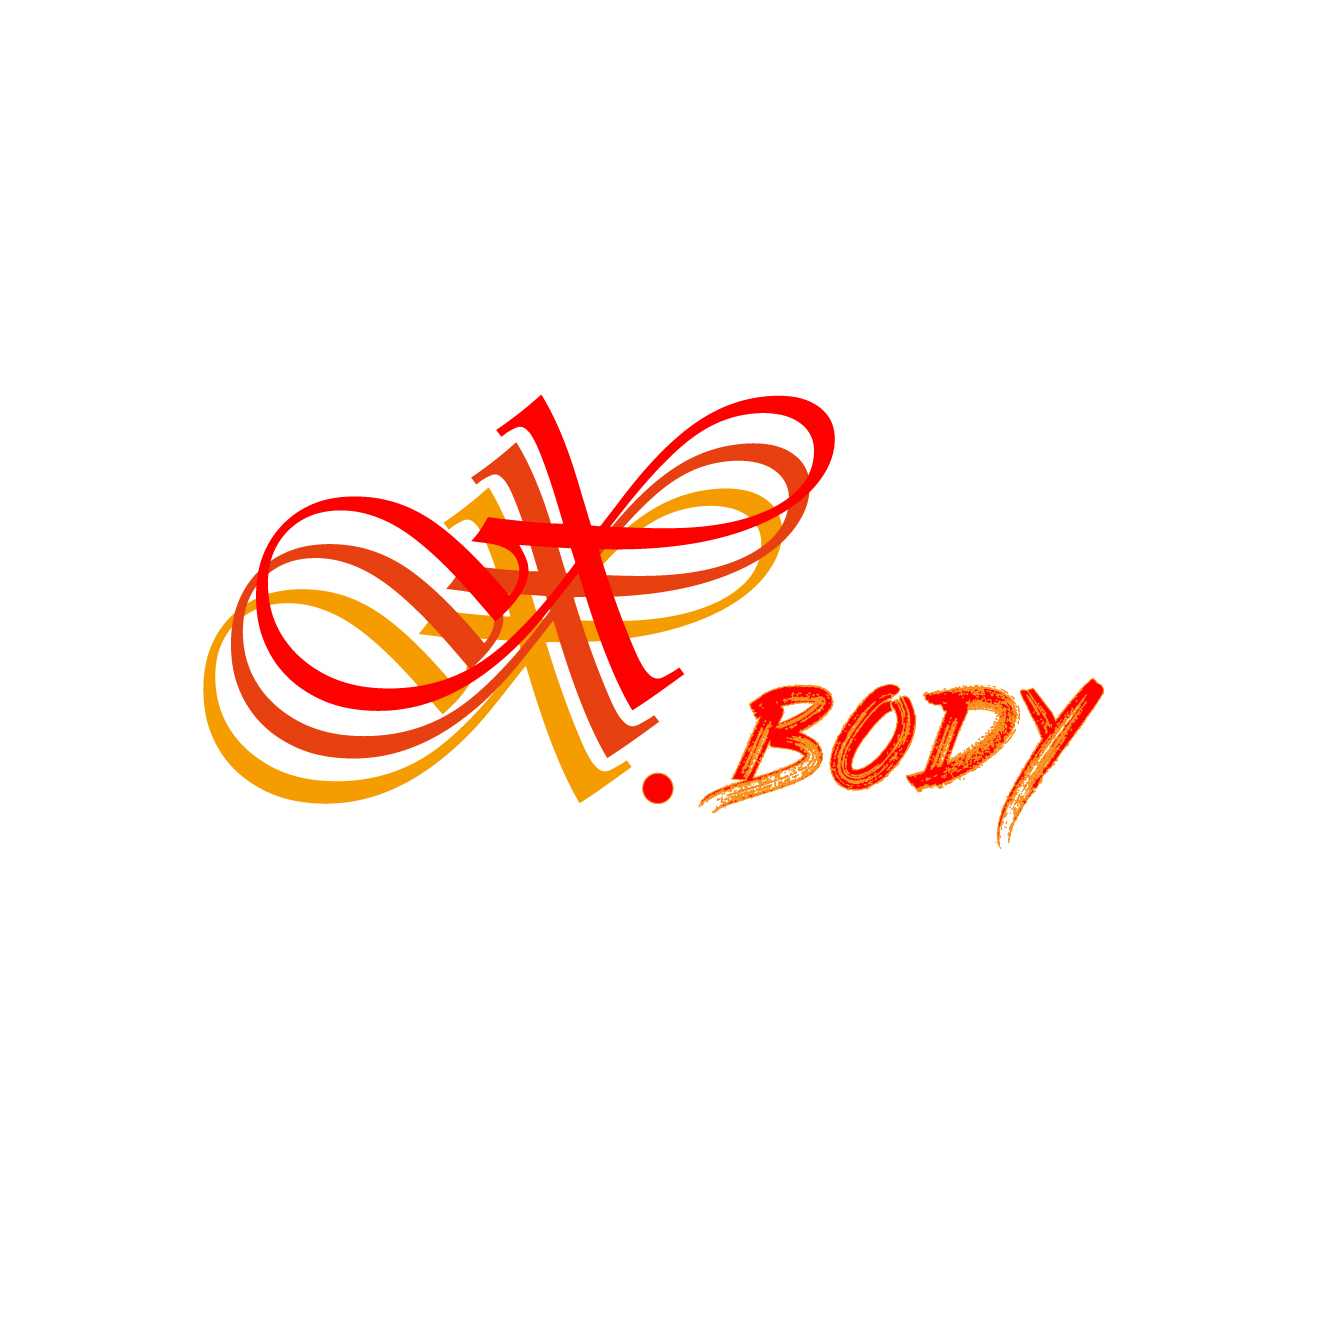 Разработка логотипа (видеоблог для моделей) фото f_8415b1fcc4fa32b8.jpg